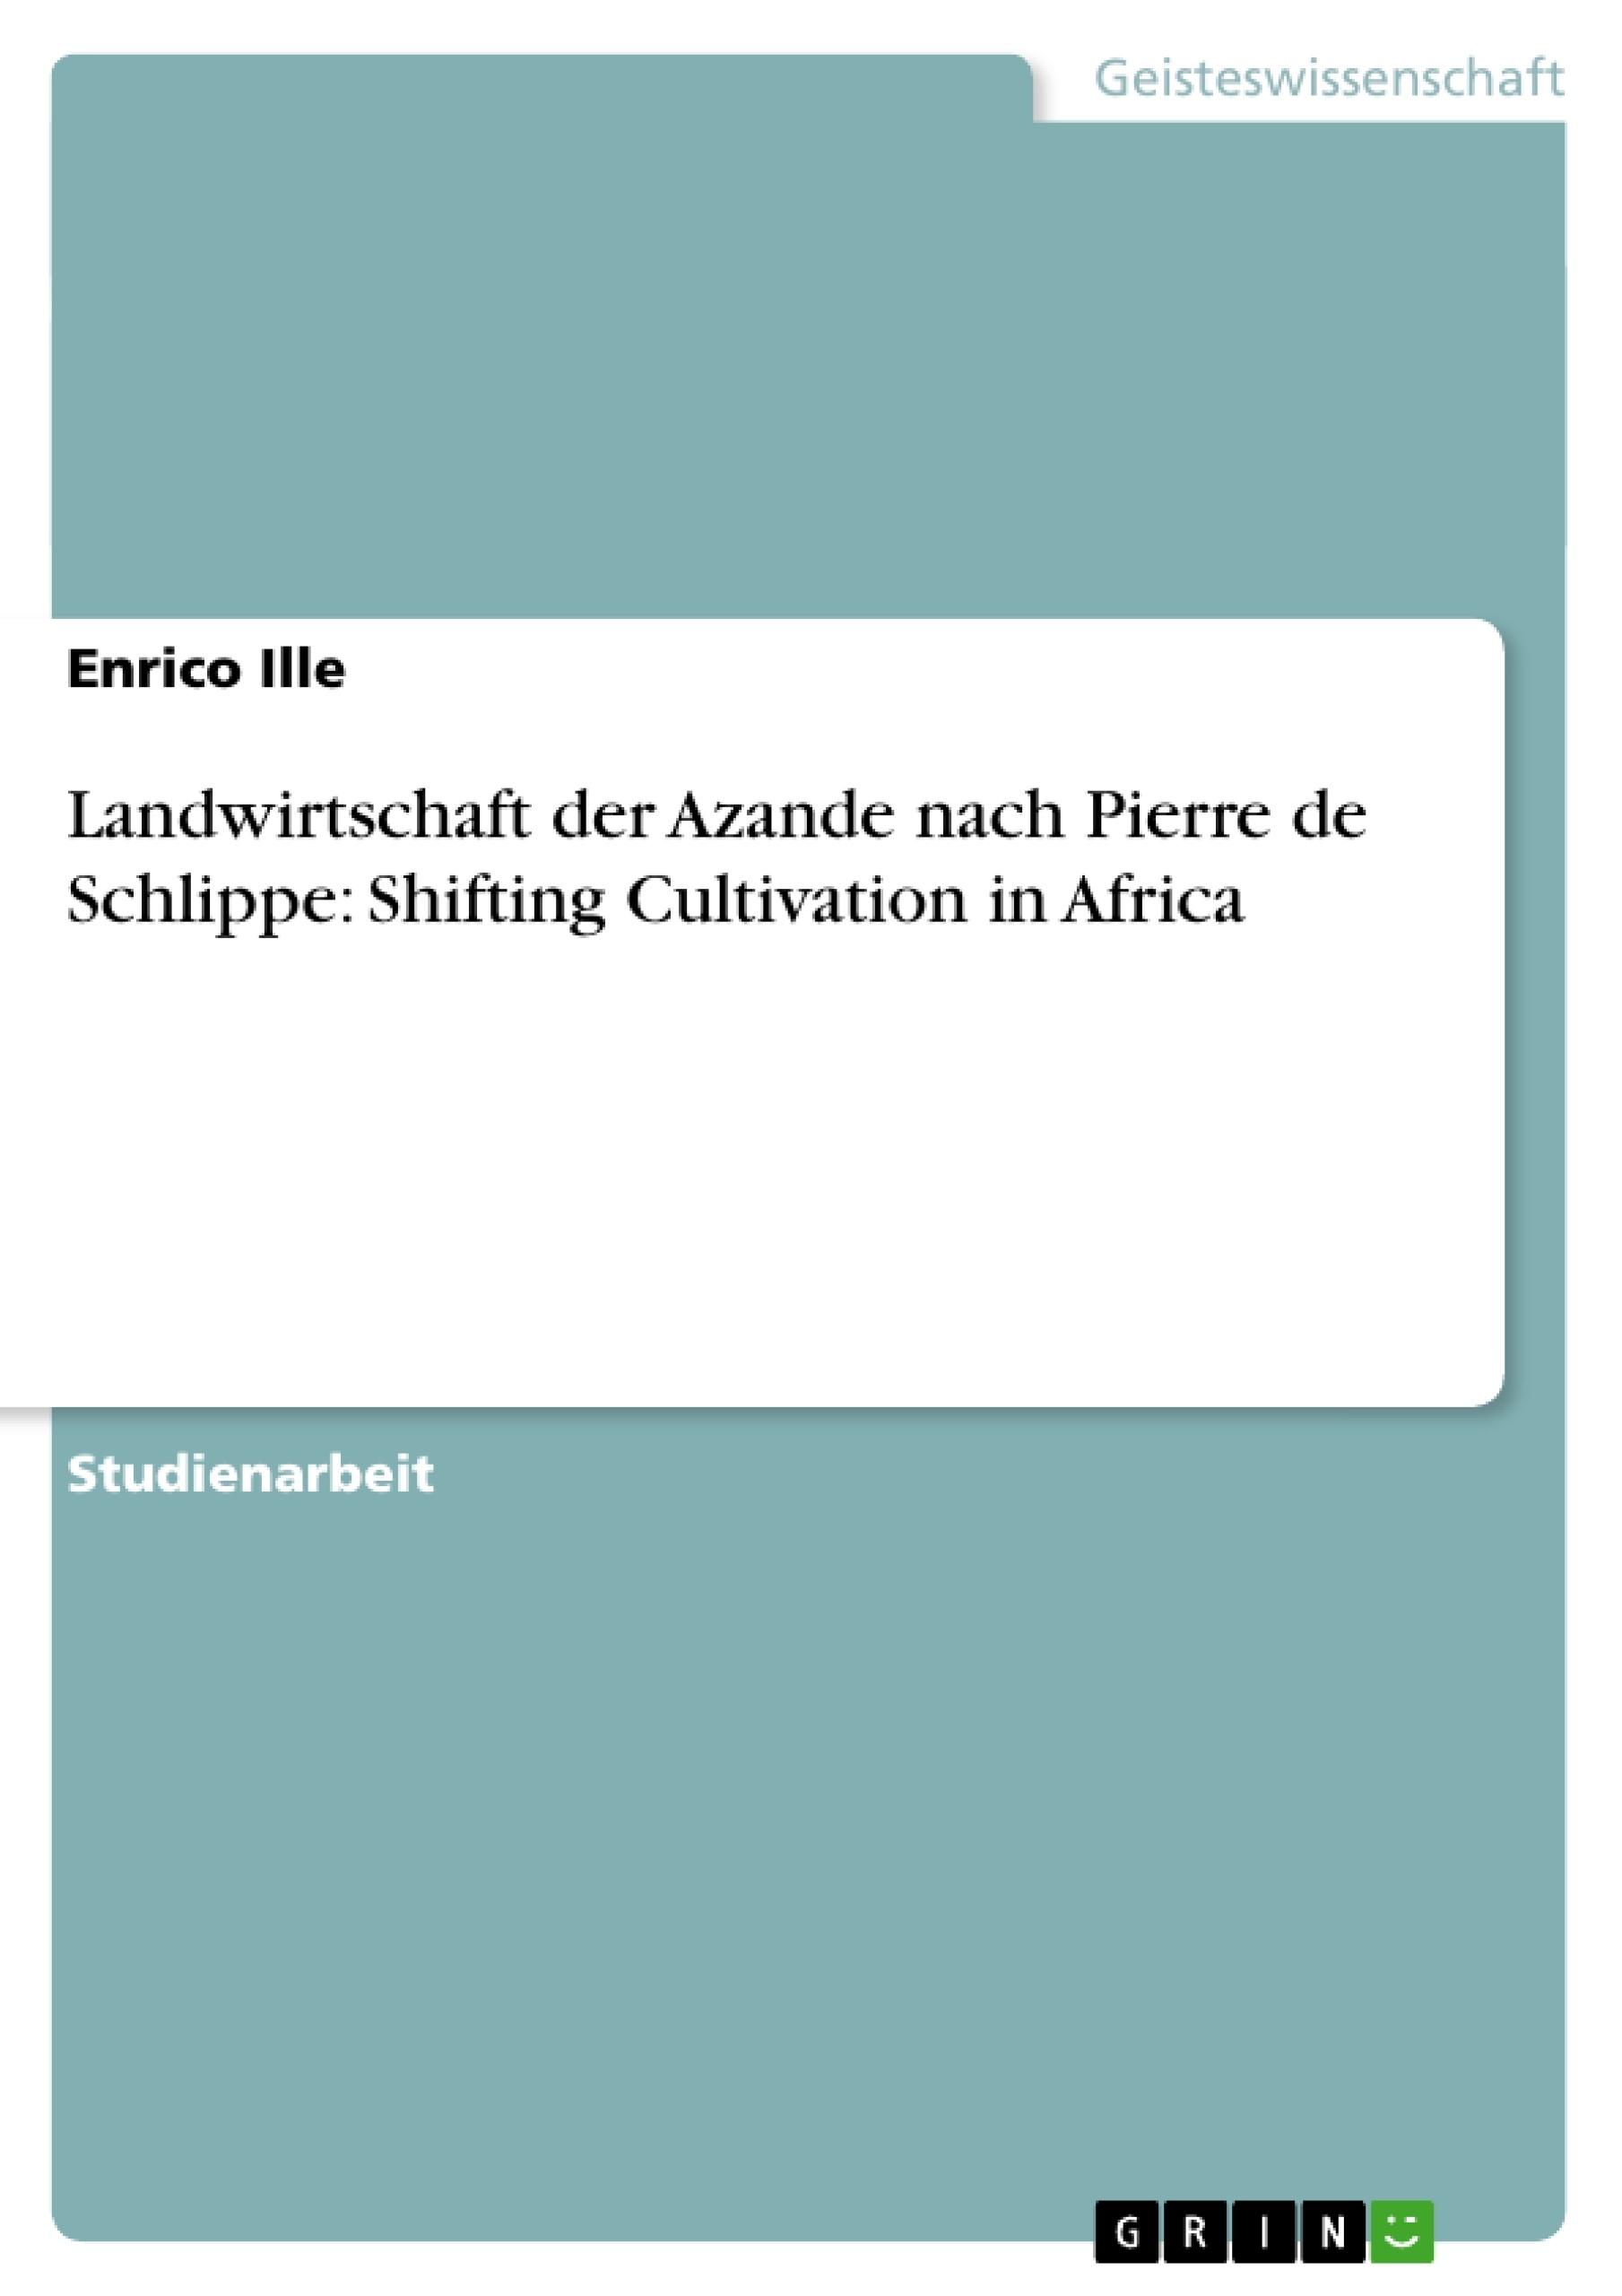 Titel: Landwirtschaft der Azande nach Pierre de Schlippe: Shifting Cultivation in Africa